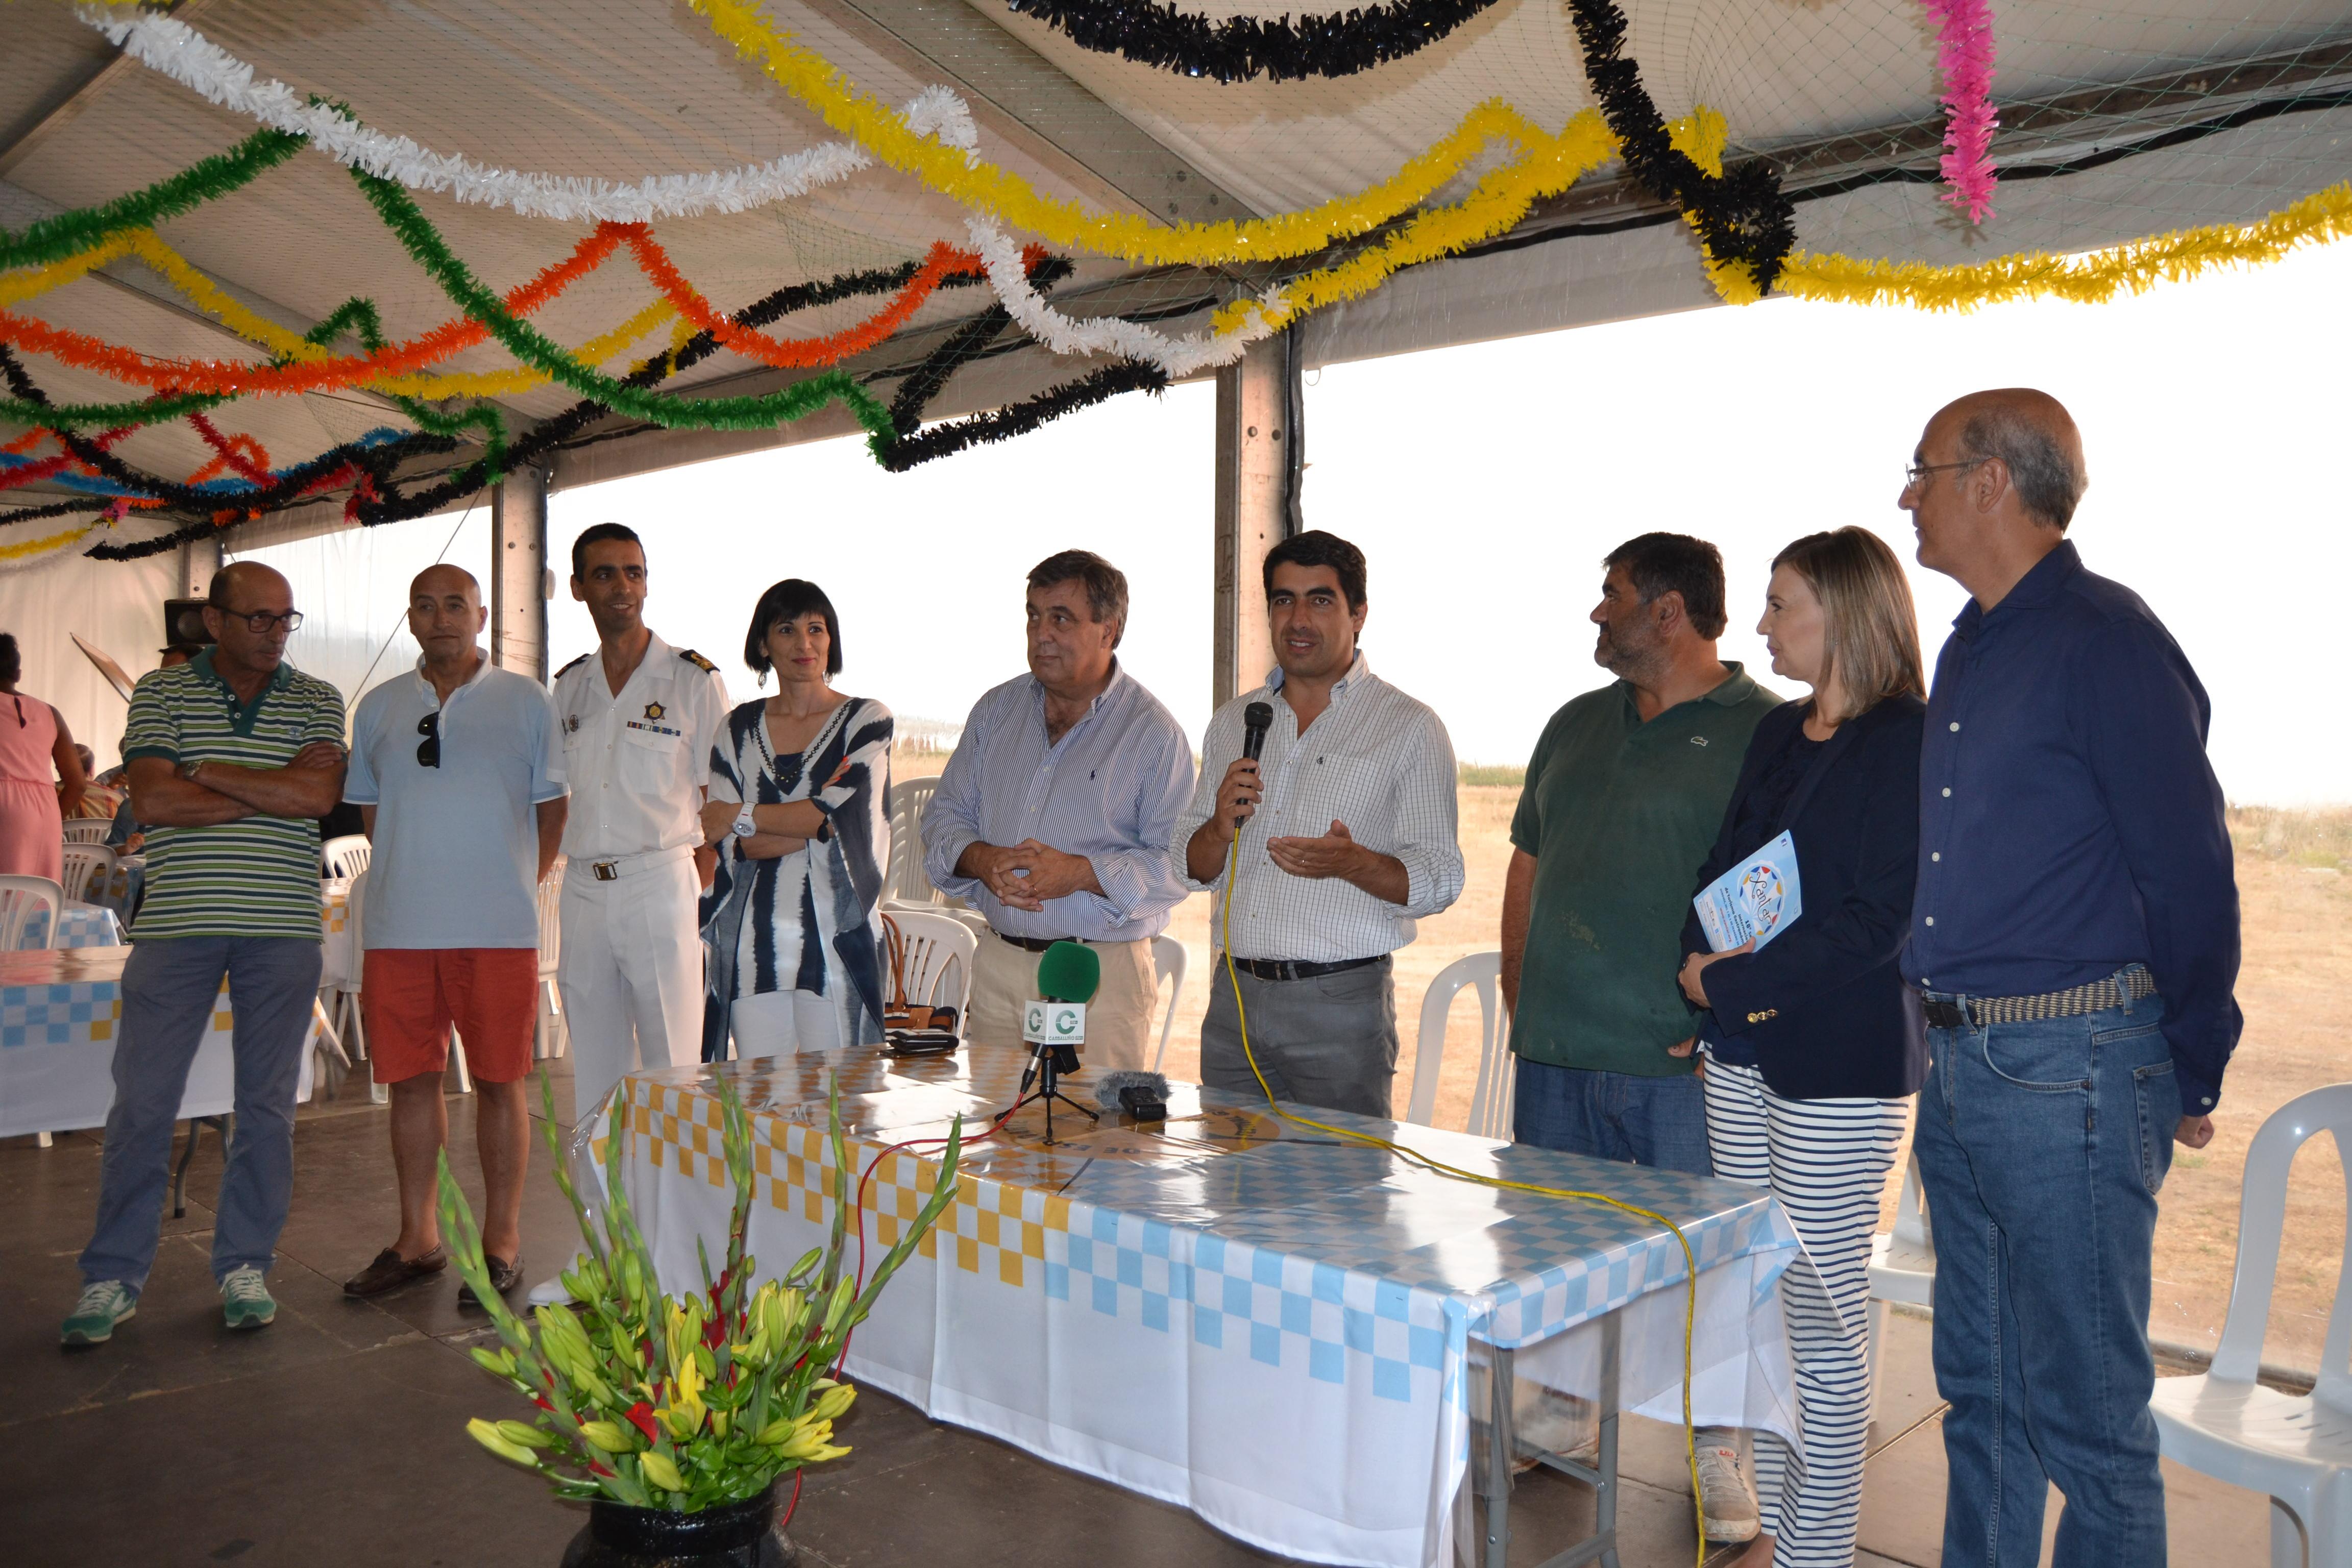 [:es]Xantar, presente en el Festival Gastronómico Bife de Espadarte en PortugalXantar, presente no Festival Gastronómico Bife de Espadarte en PortugalXantar, present in the Gastronomic Festival in Portugal